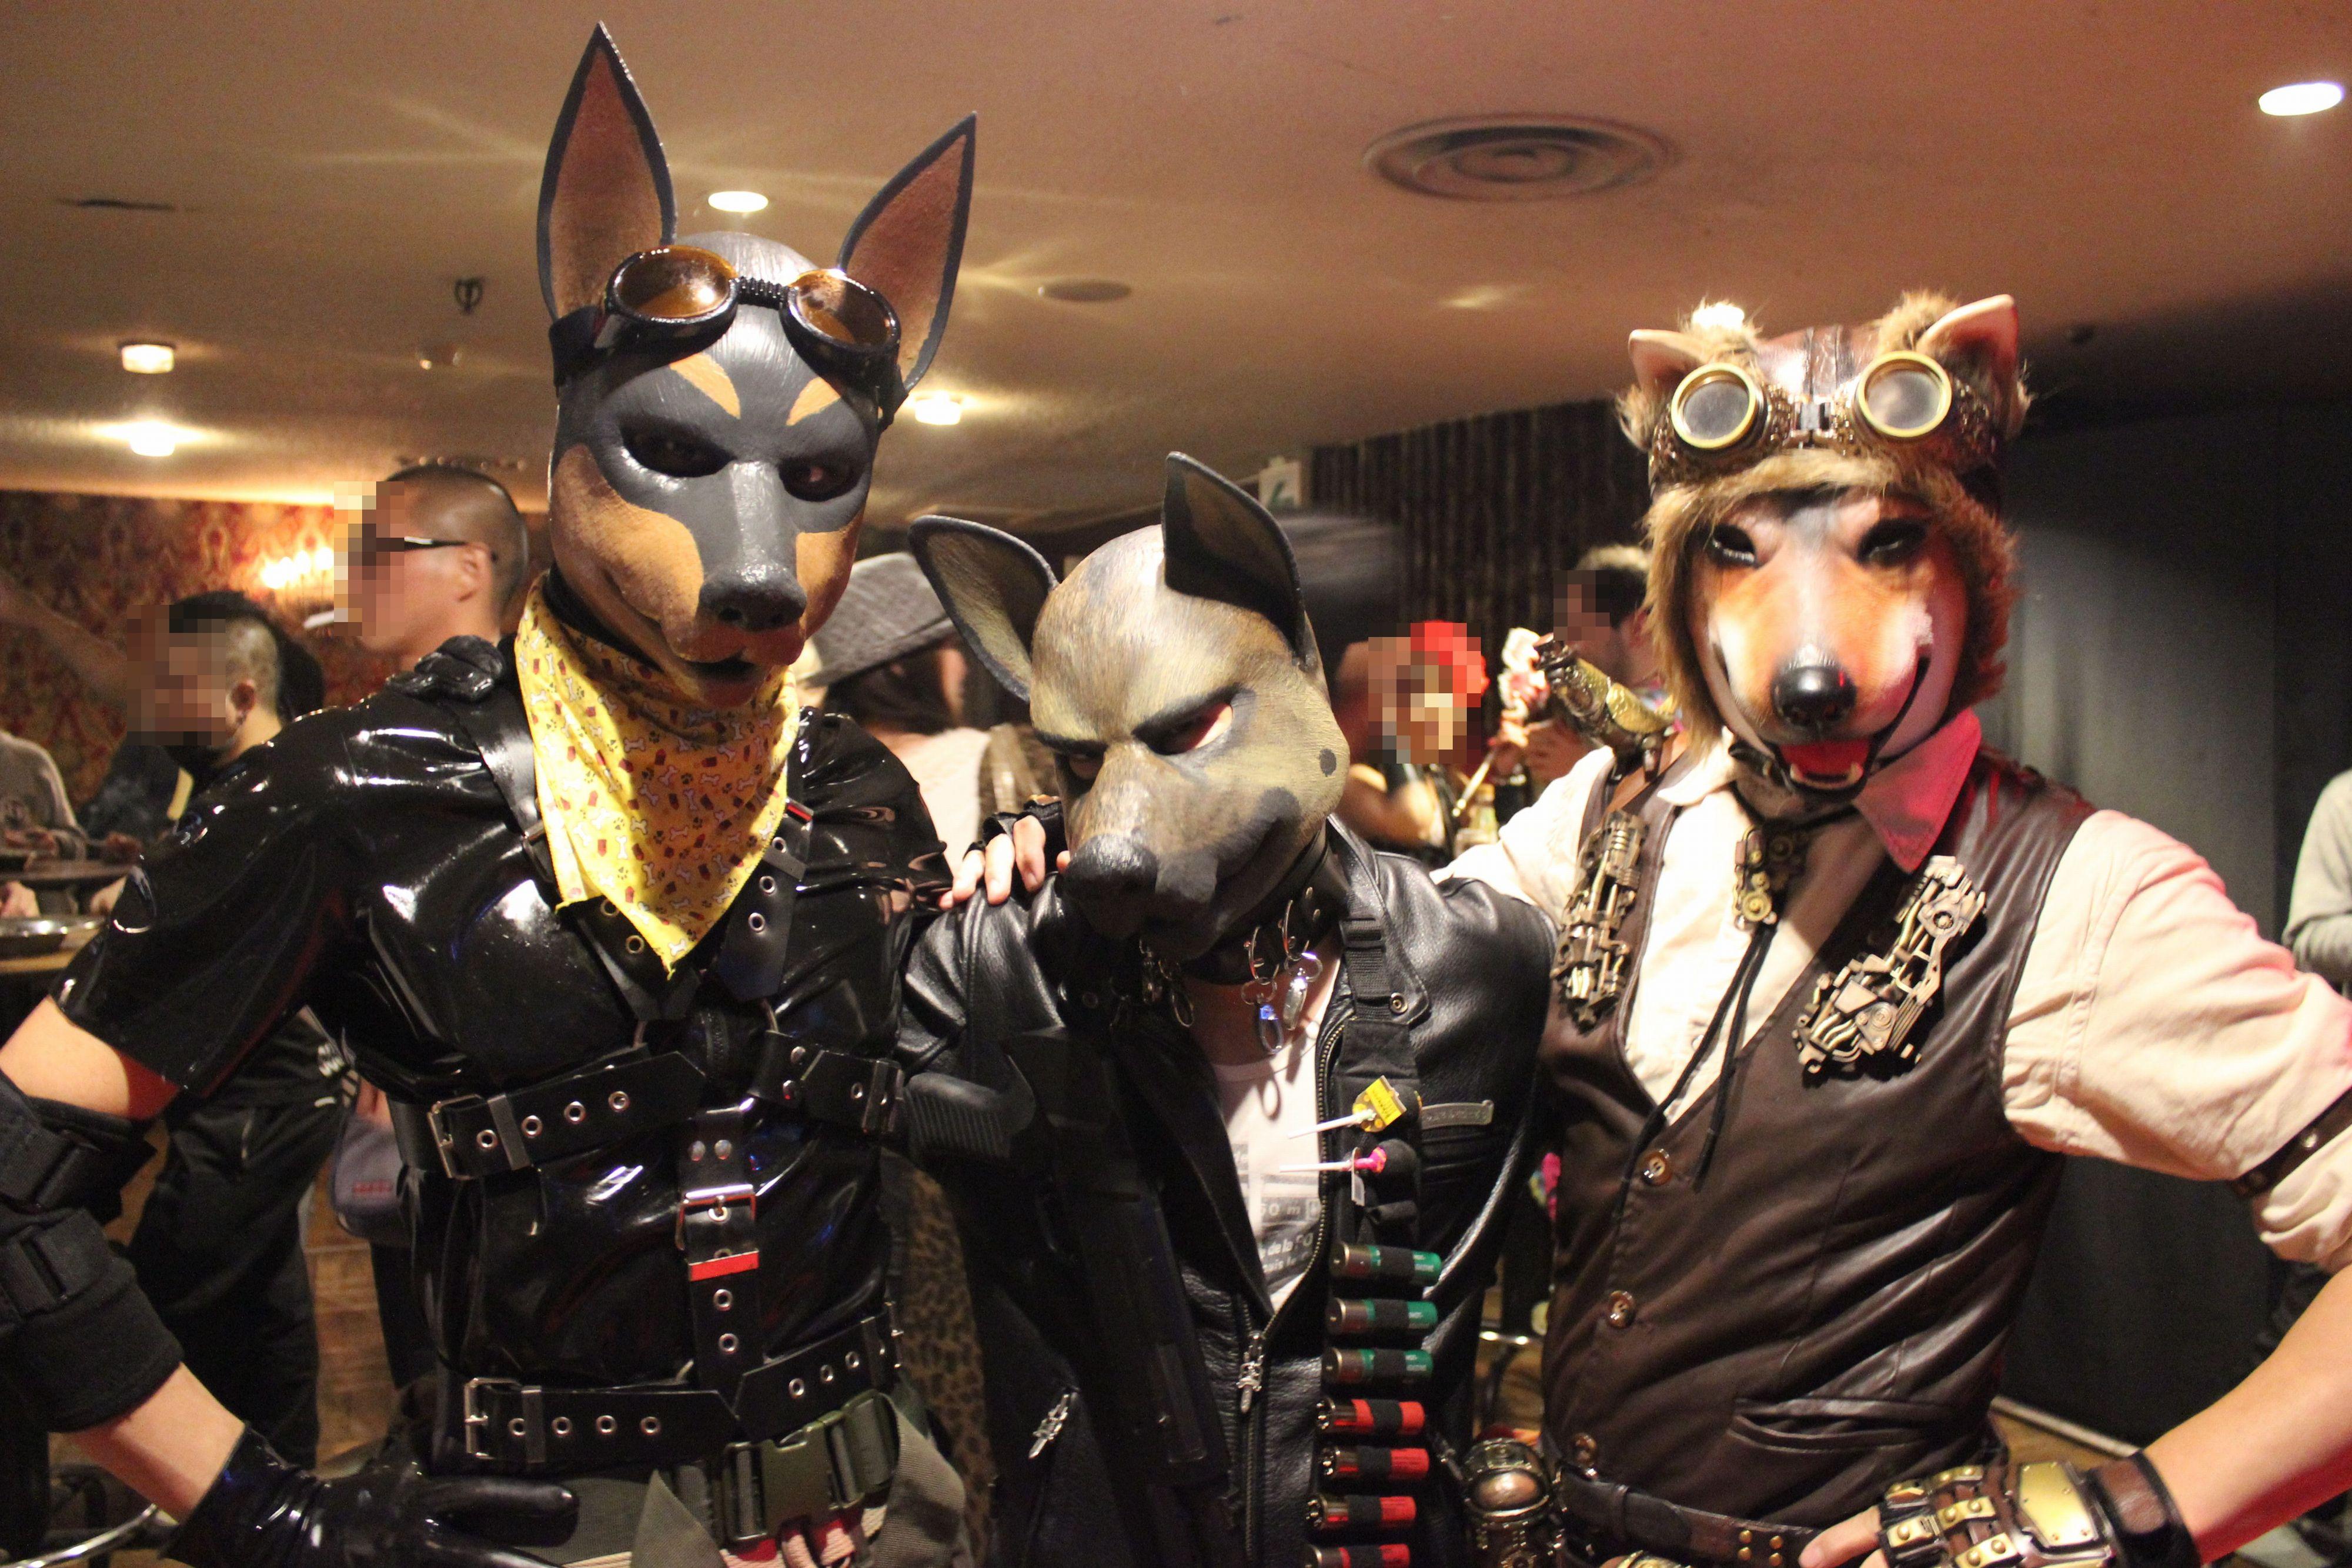 デパートメントH 2099@鶯谷東京キネマ倶楽部 2014年11月~わんわんわんの日(11月1日)に犬装家が集う!